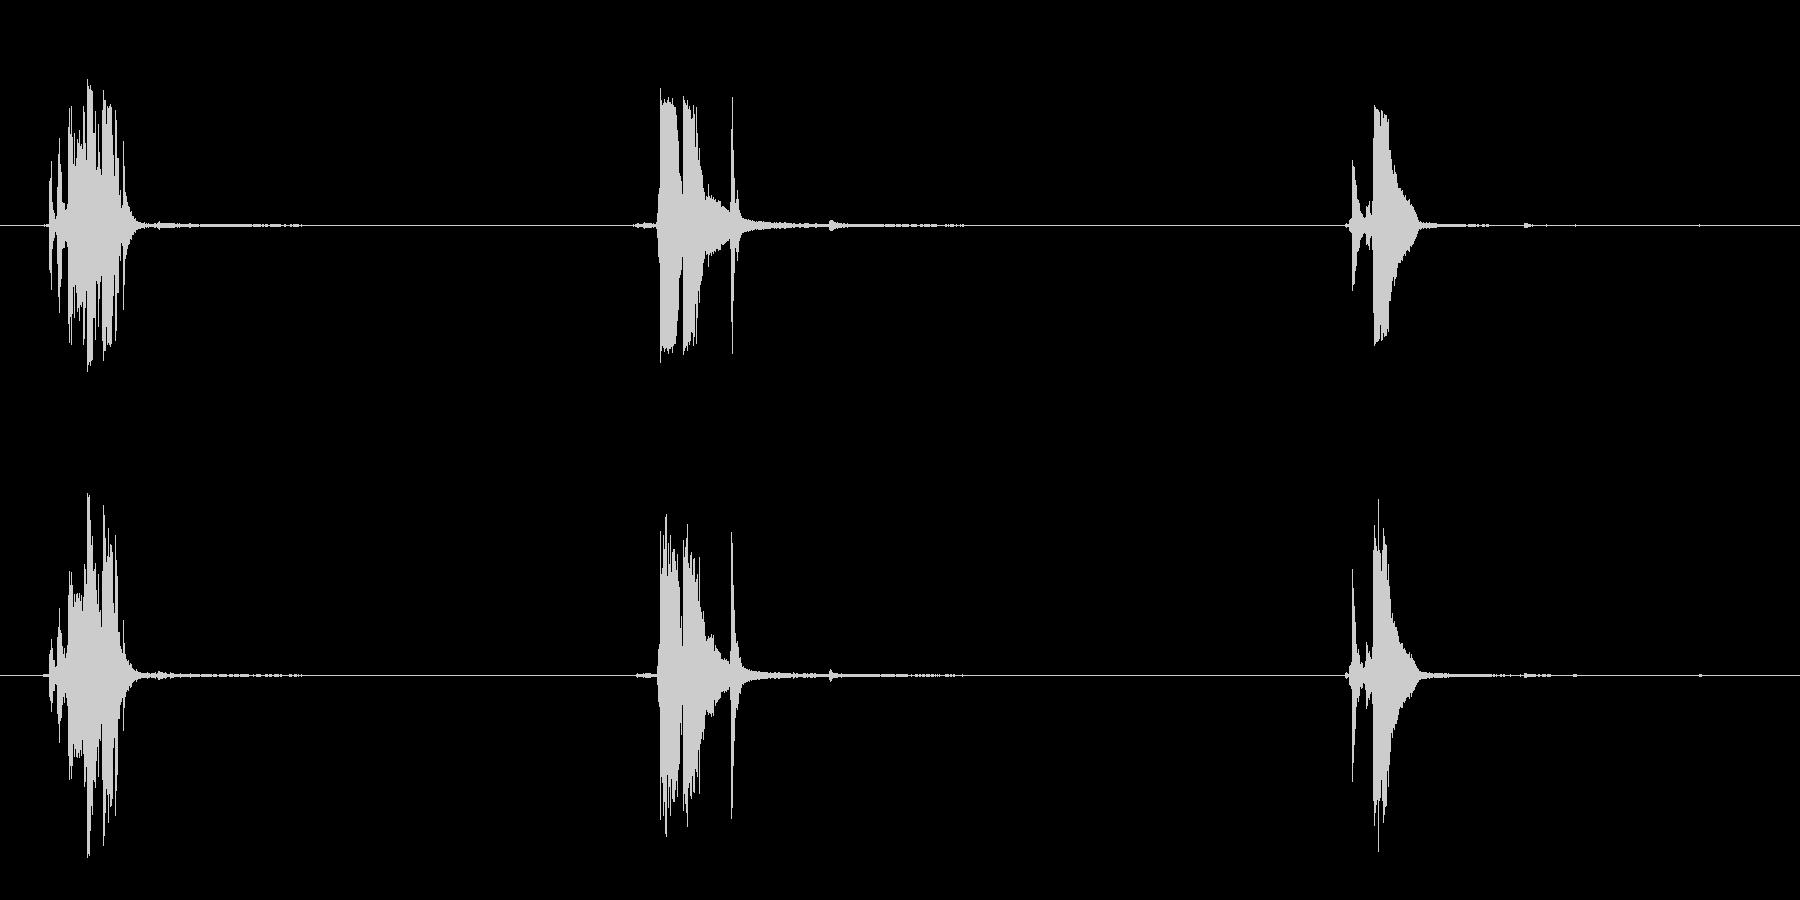 カプラー:ラウドメタルクランクの未再生の波形